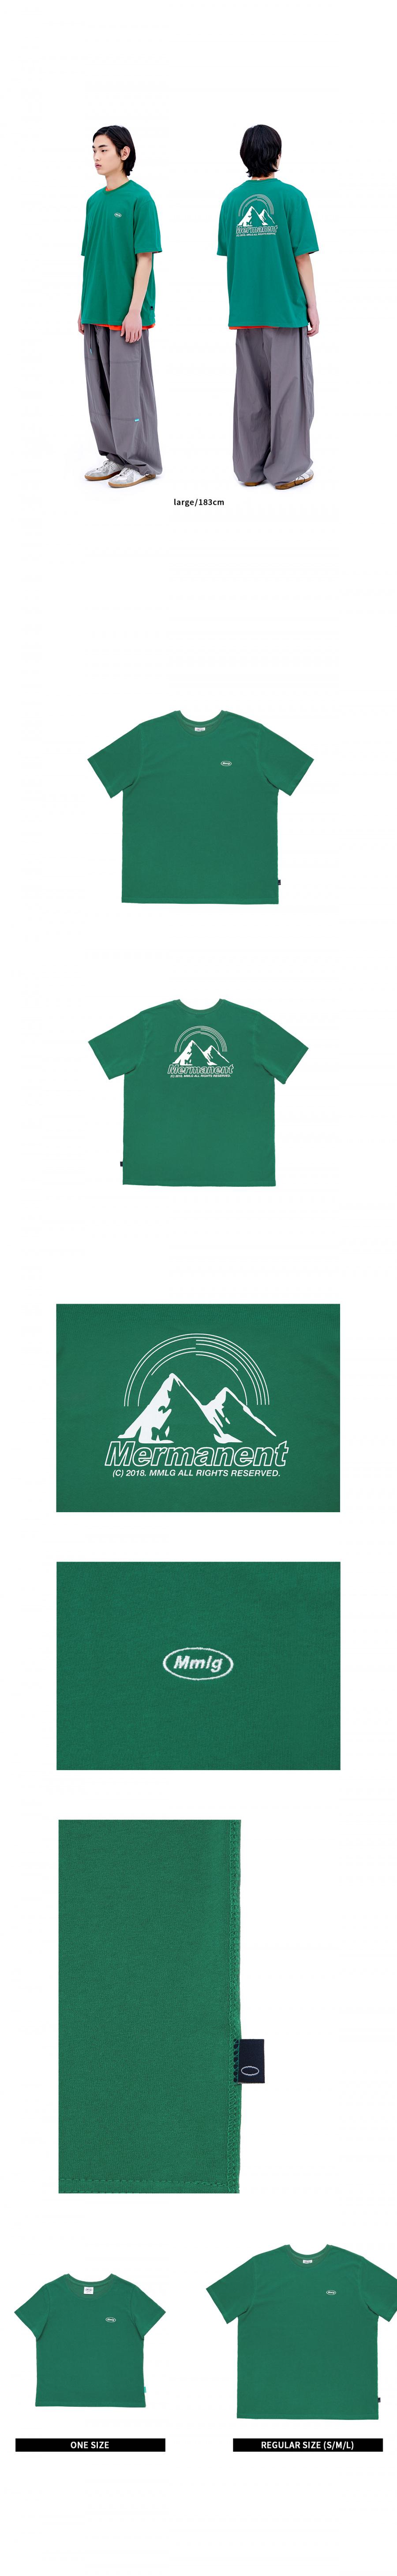 팔칠엠엠(87MM) [Mmlg] MOUNTAIN HF-T (GREEN)